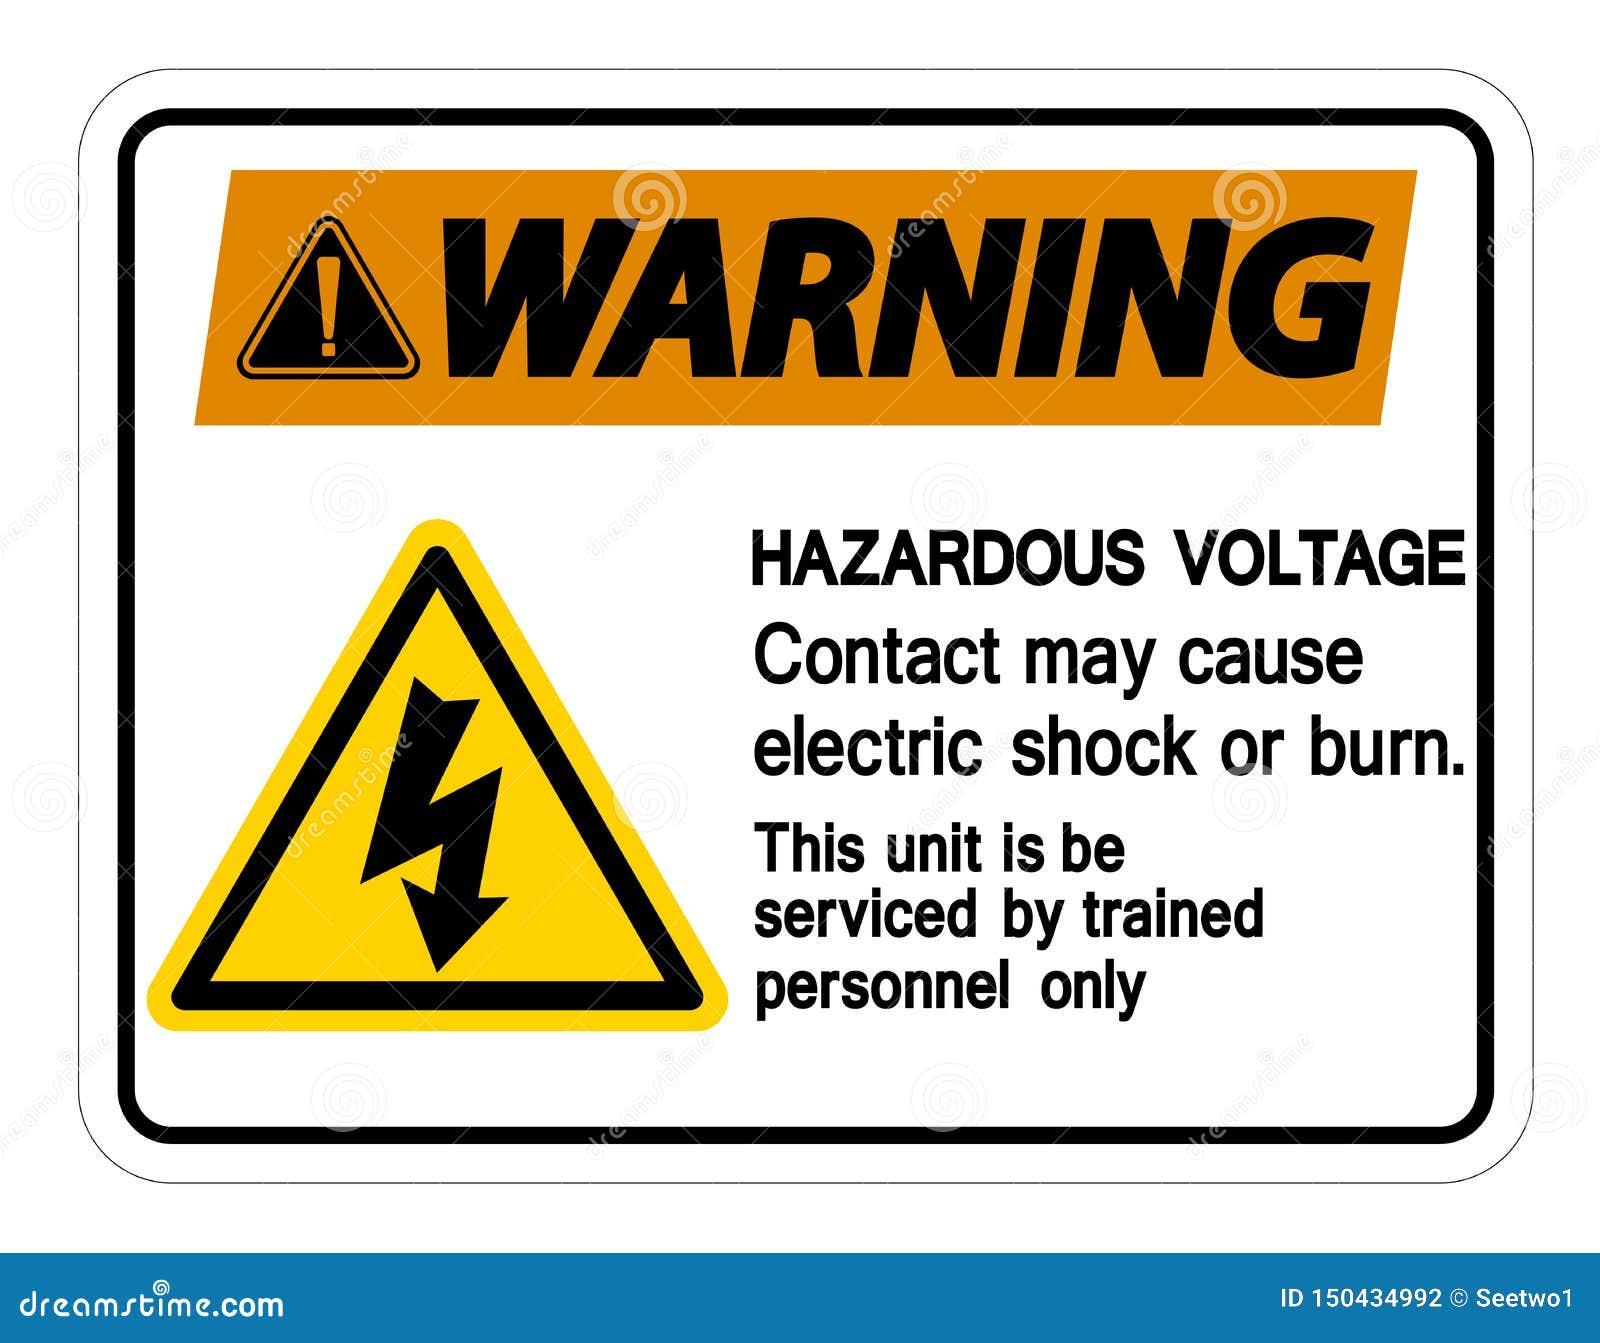 O contato perigoso de advertência da tensão pode causar choque elétrico ou queimar o isolado do sinal no fundo branco, ilustração